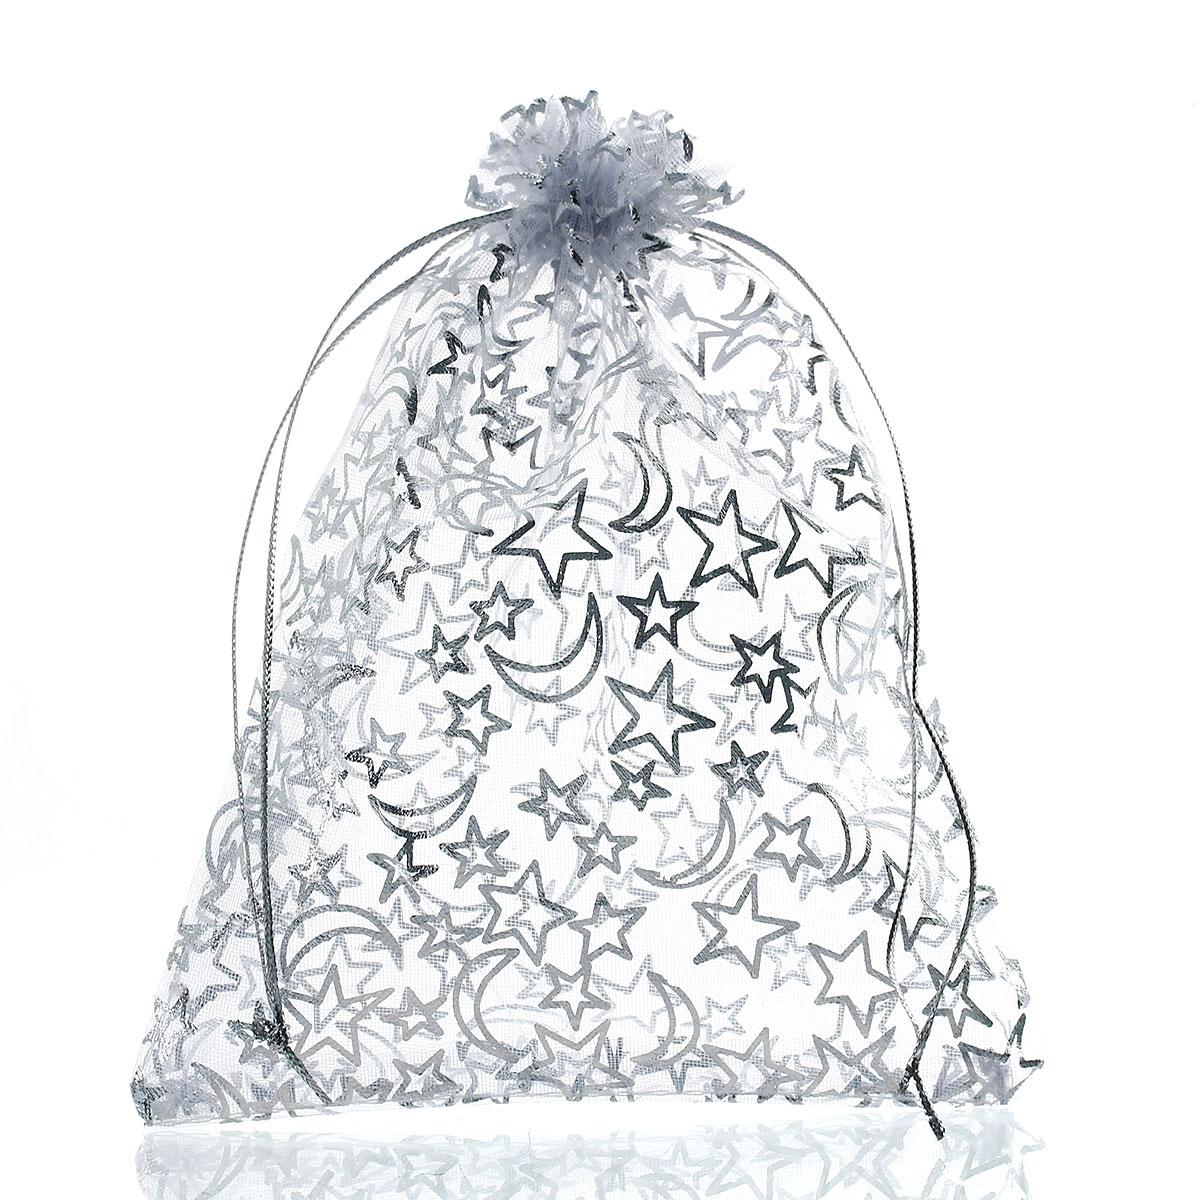 Mjartoria 200 adet Yıldız Ay Beyaz Organze Çanta Moda Takı Çanta Ve Ambalaj Düğün Noel Için İpli Hediye Çanta Torbalar çanta hediye